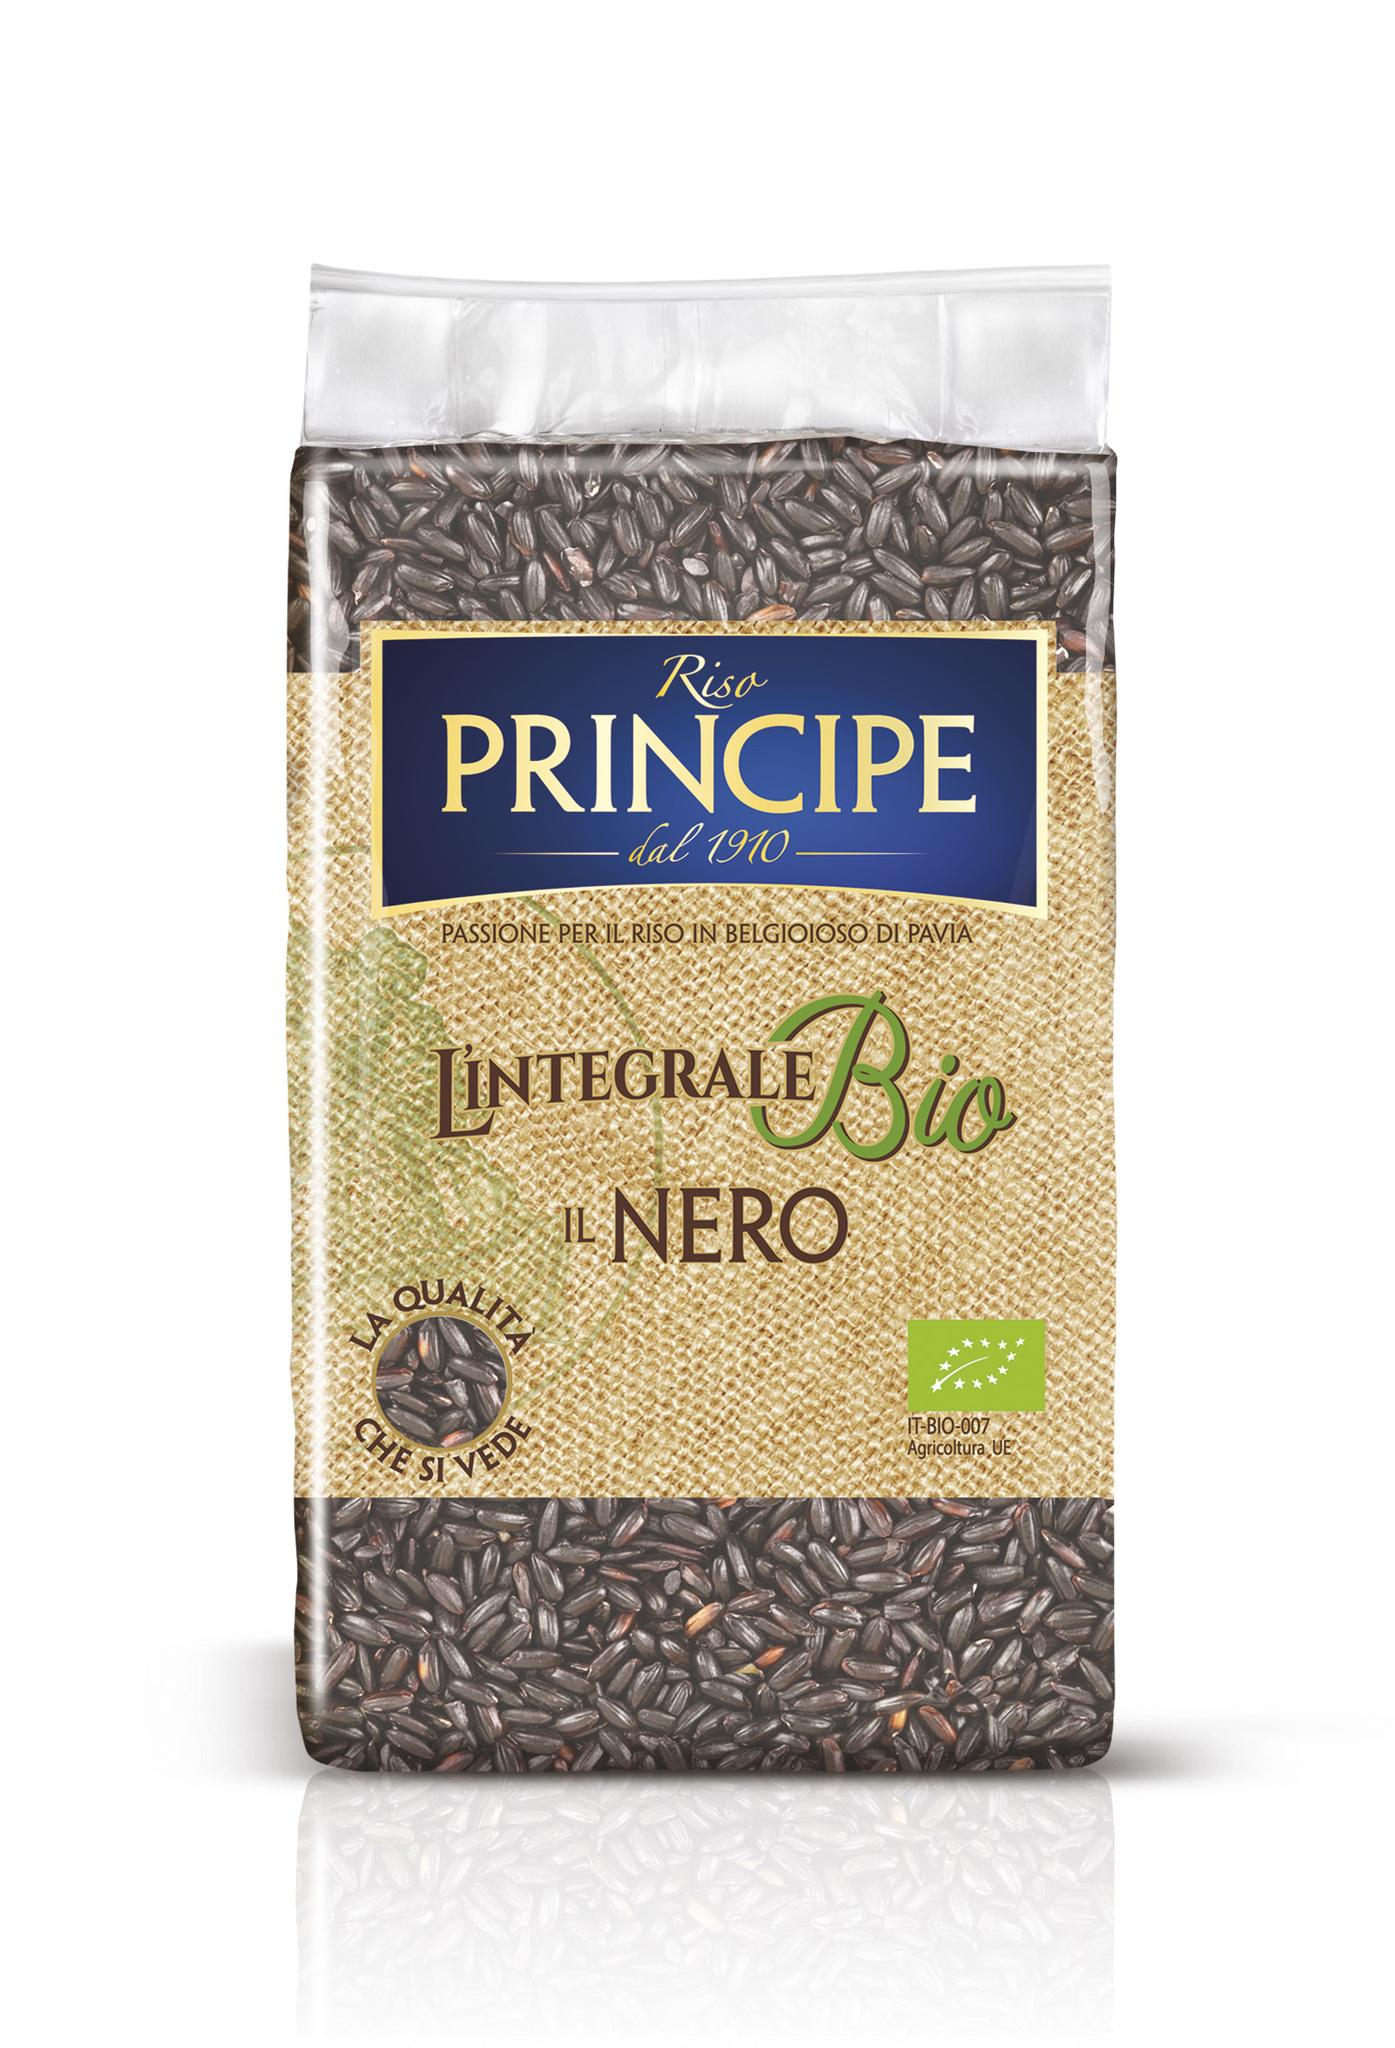 Rice Nero Riso Principe